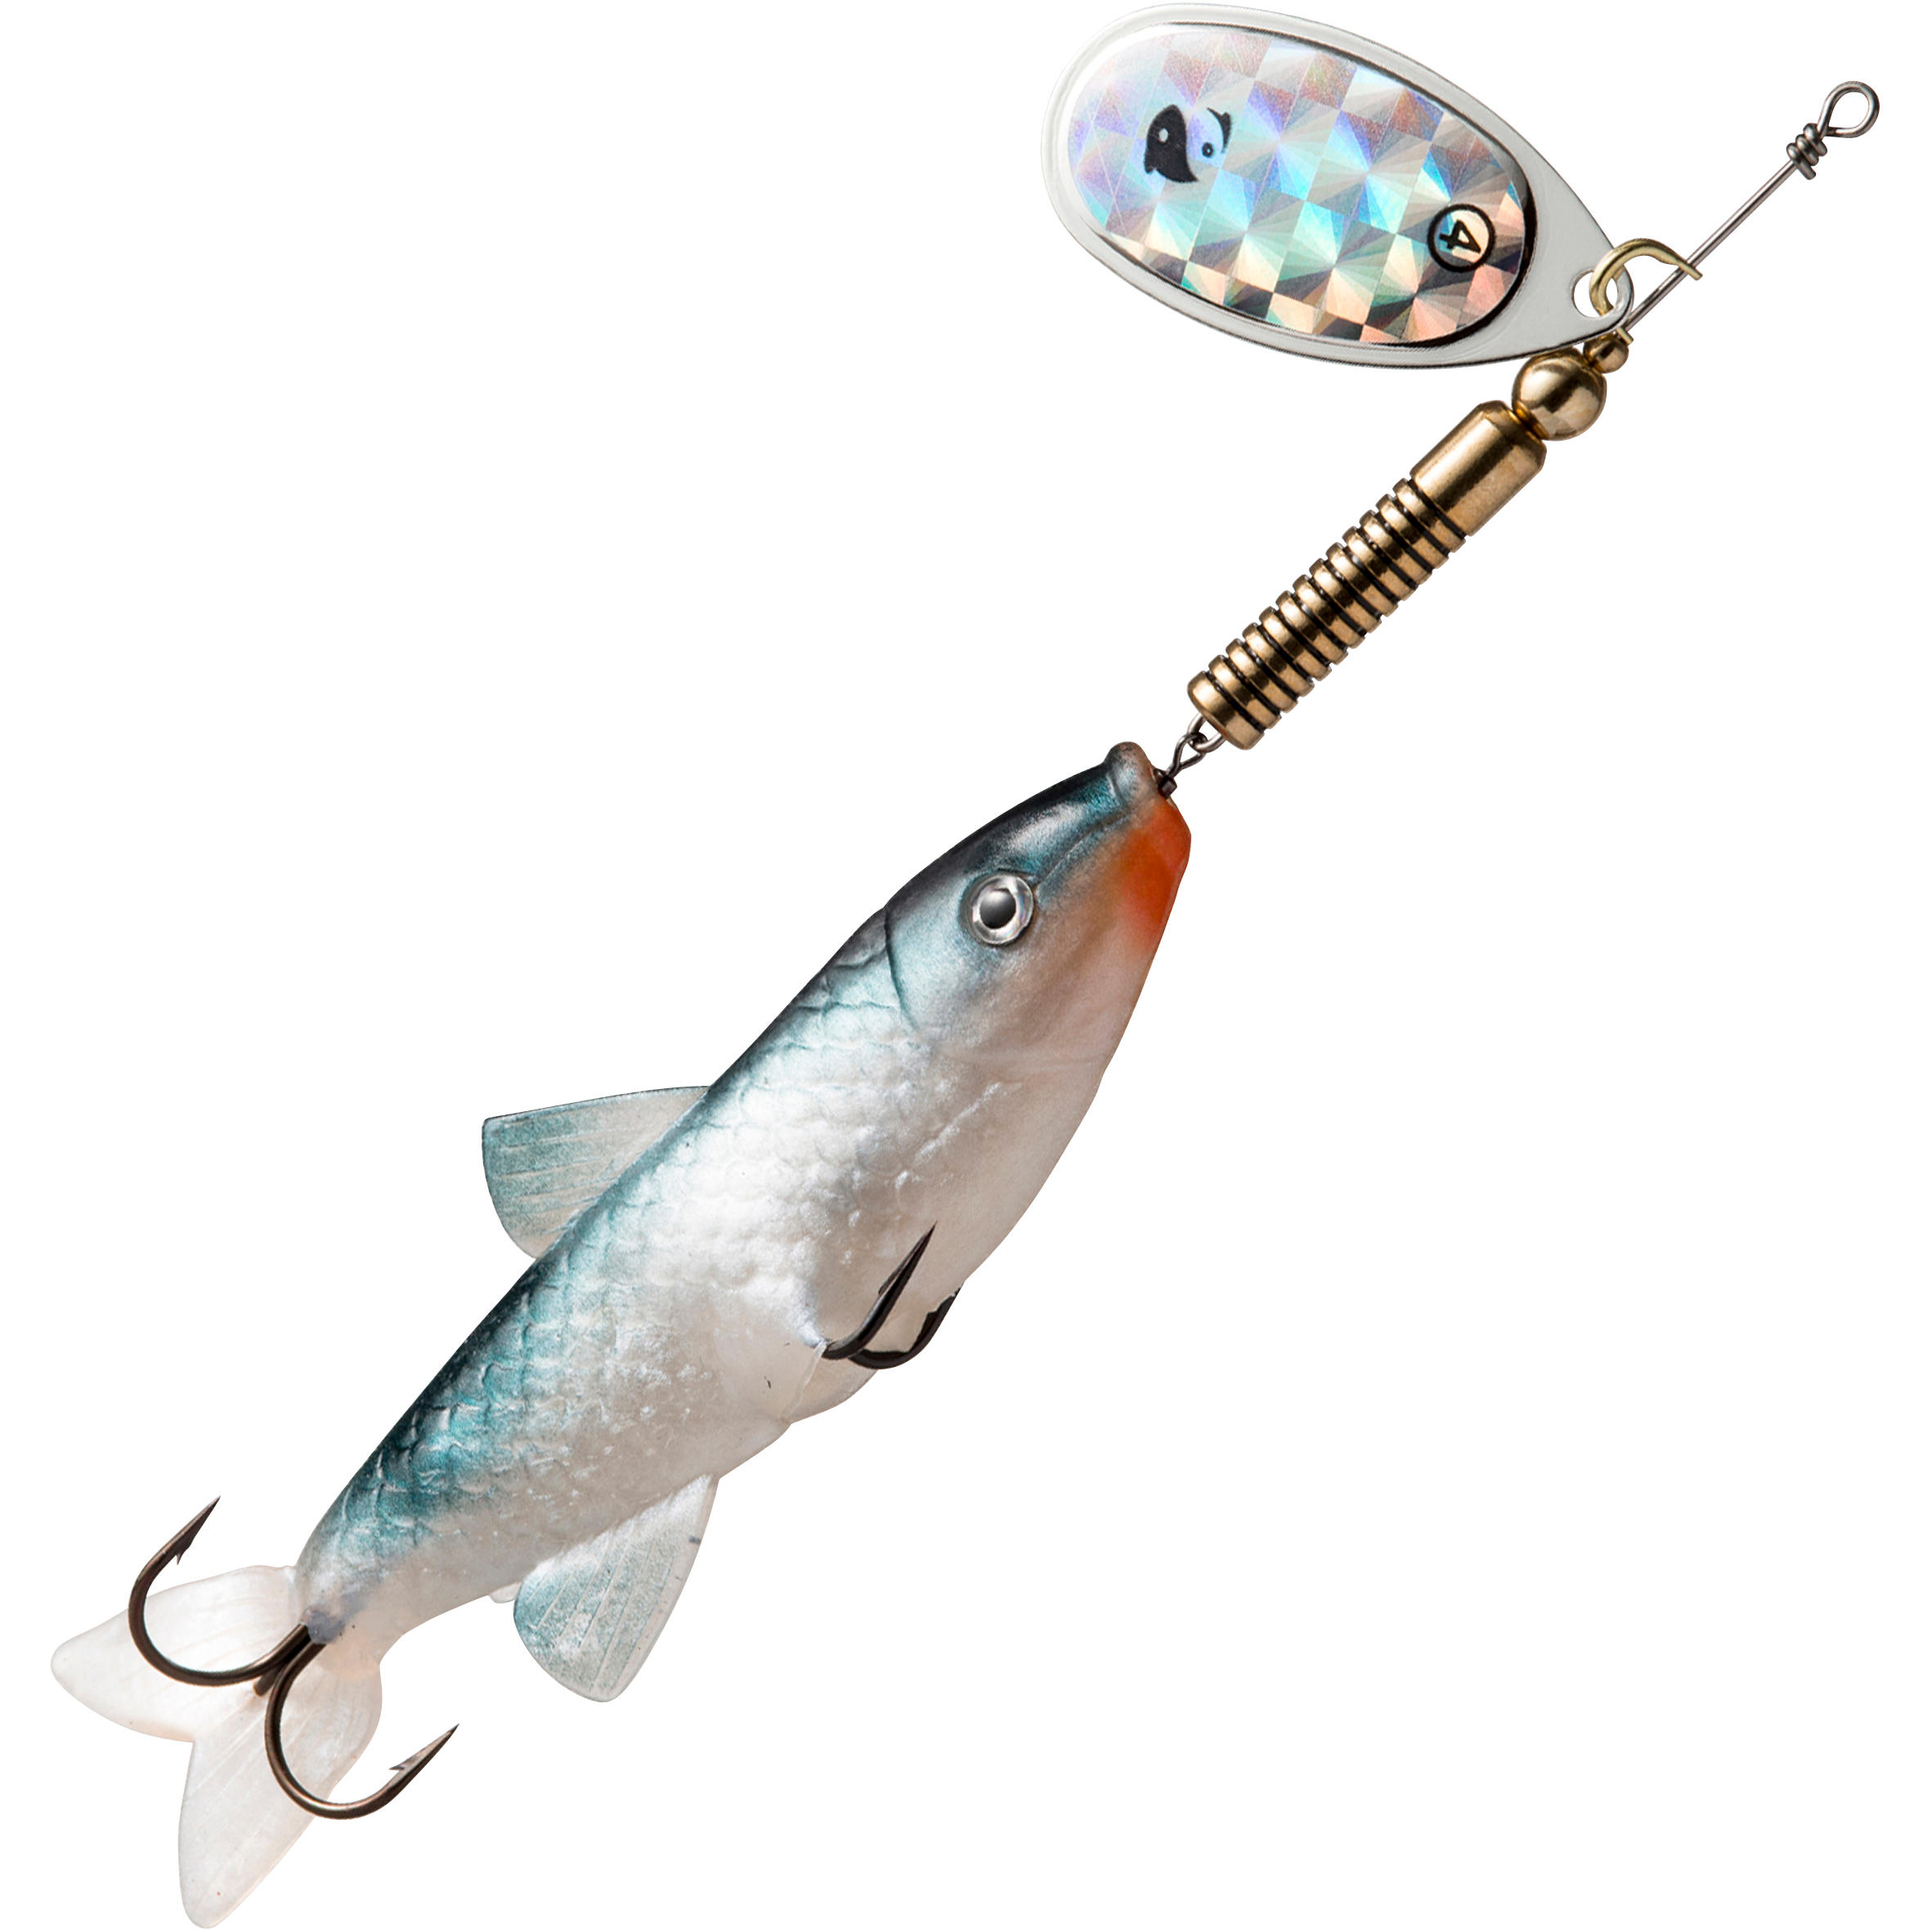 Linguriţă Weta Fish Nr. 4 imagine